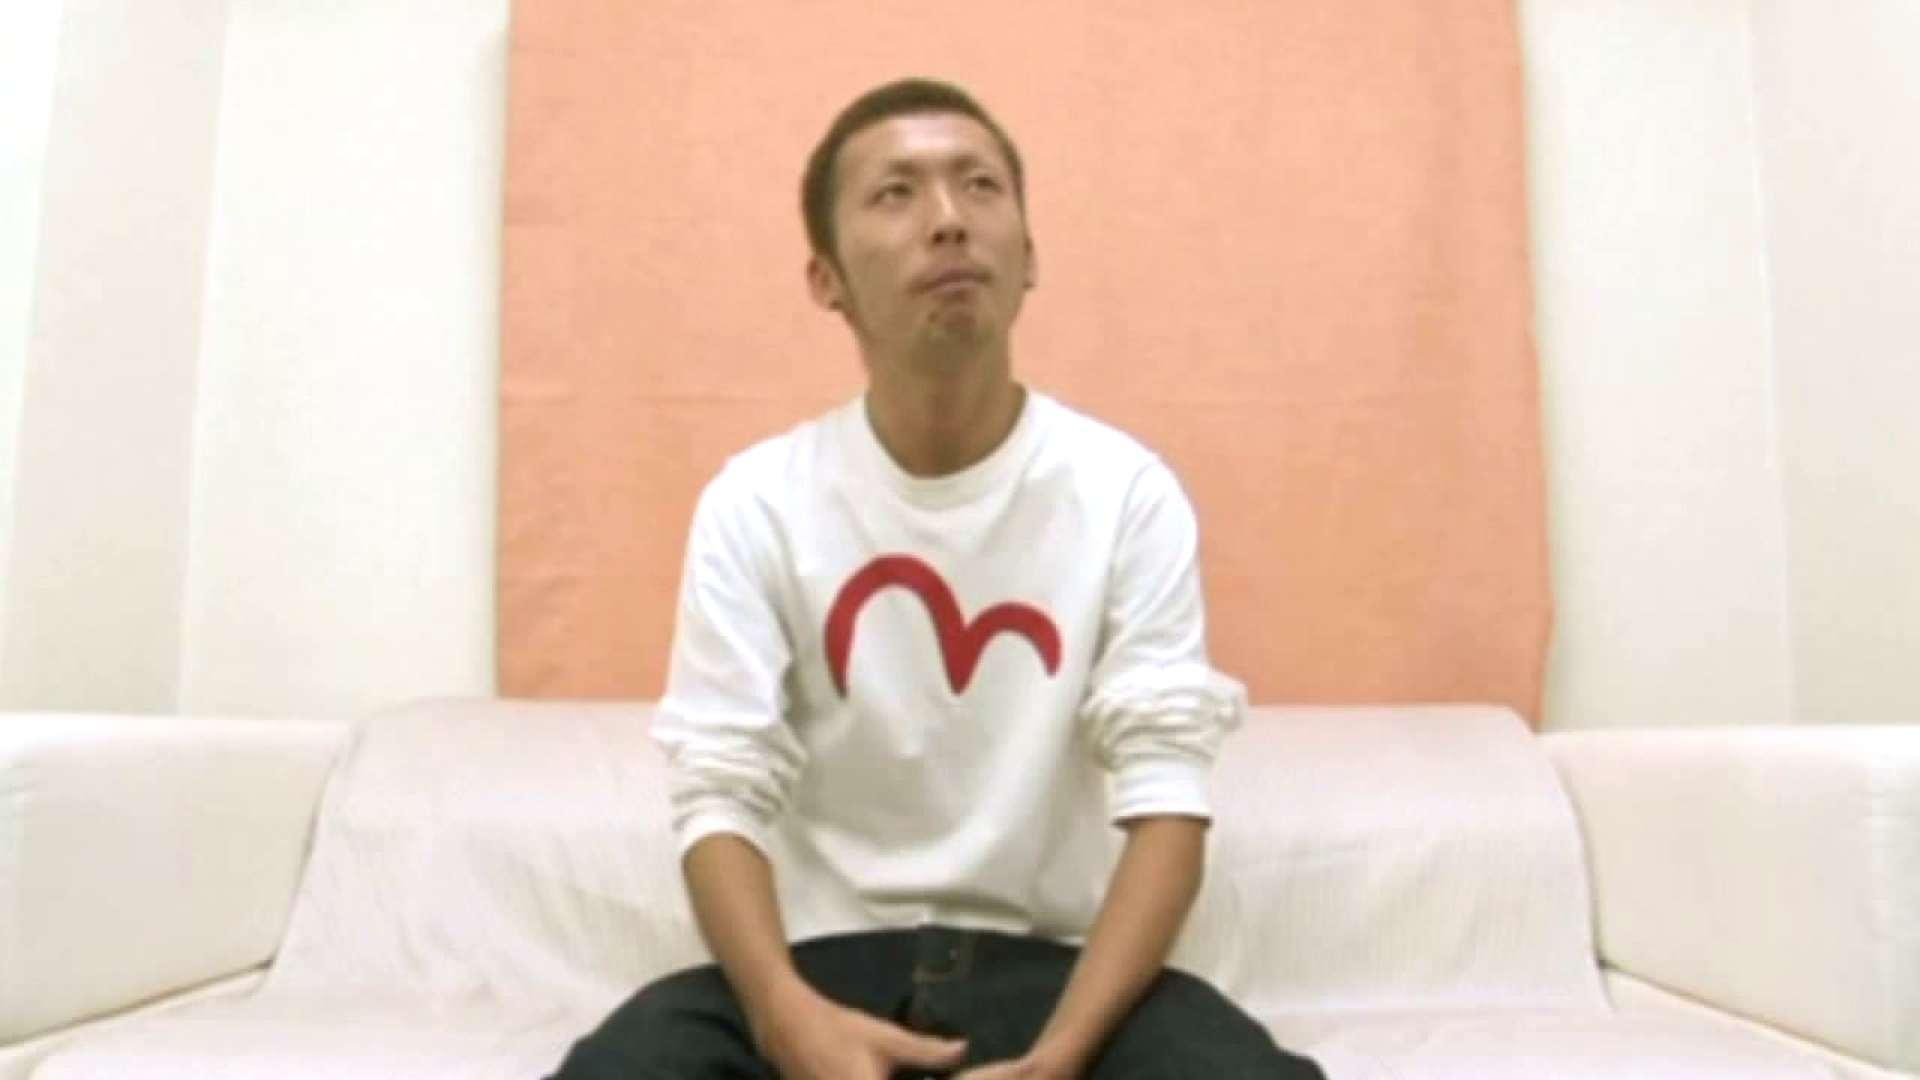 ノンケ!自慰スタジオ No.11 ノンケのオナニー  9枚